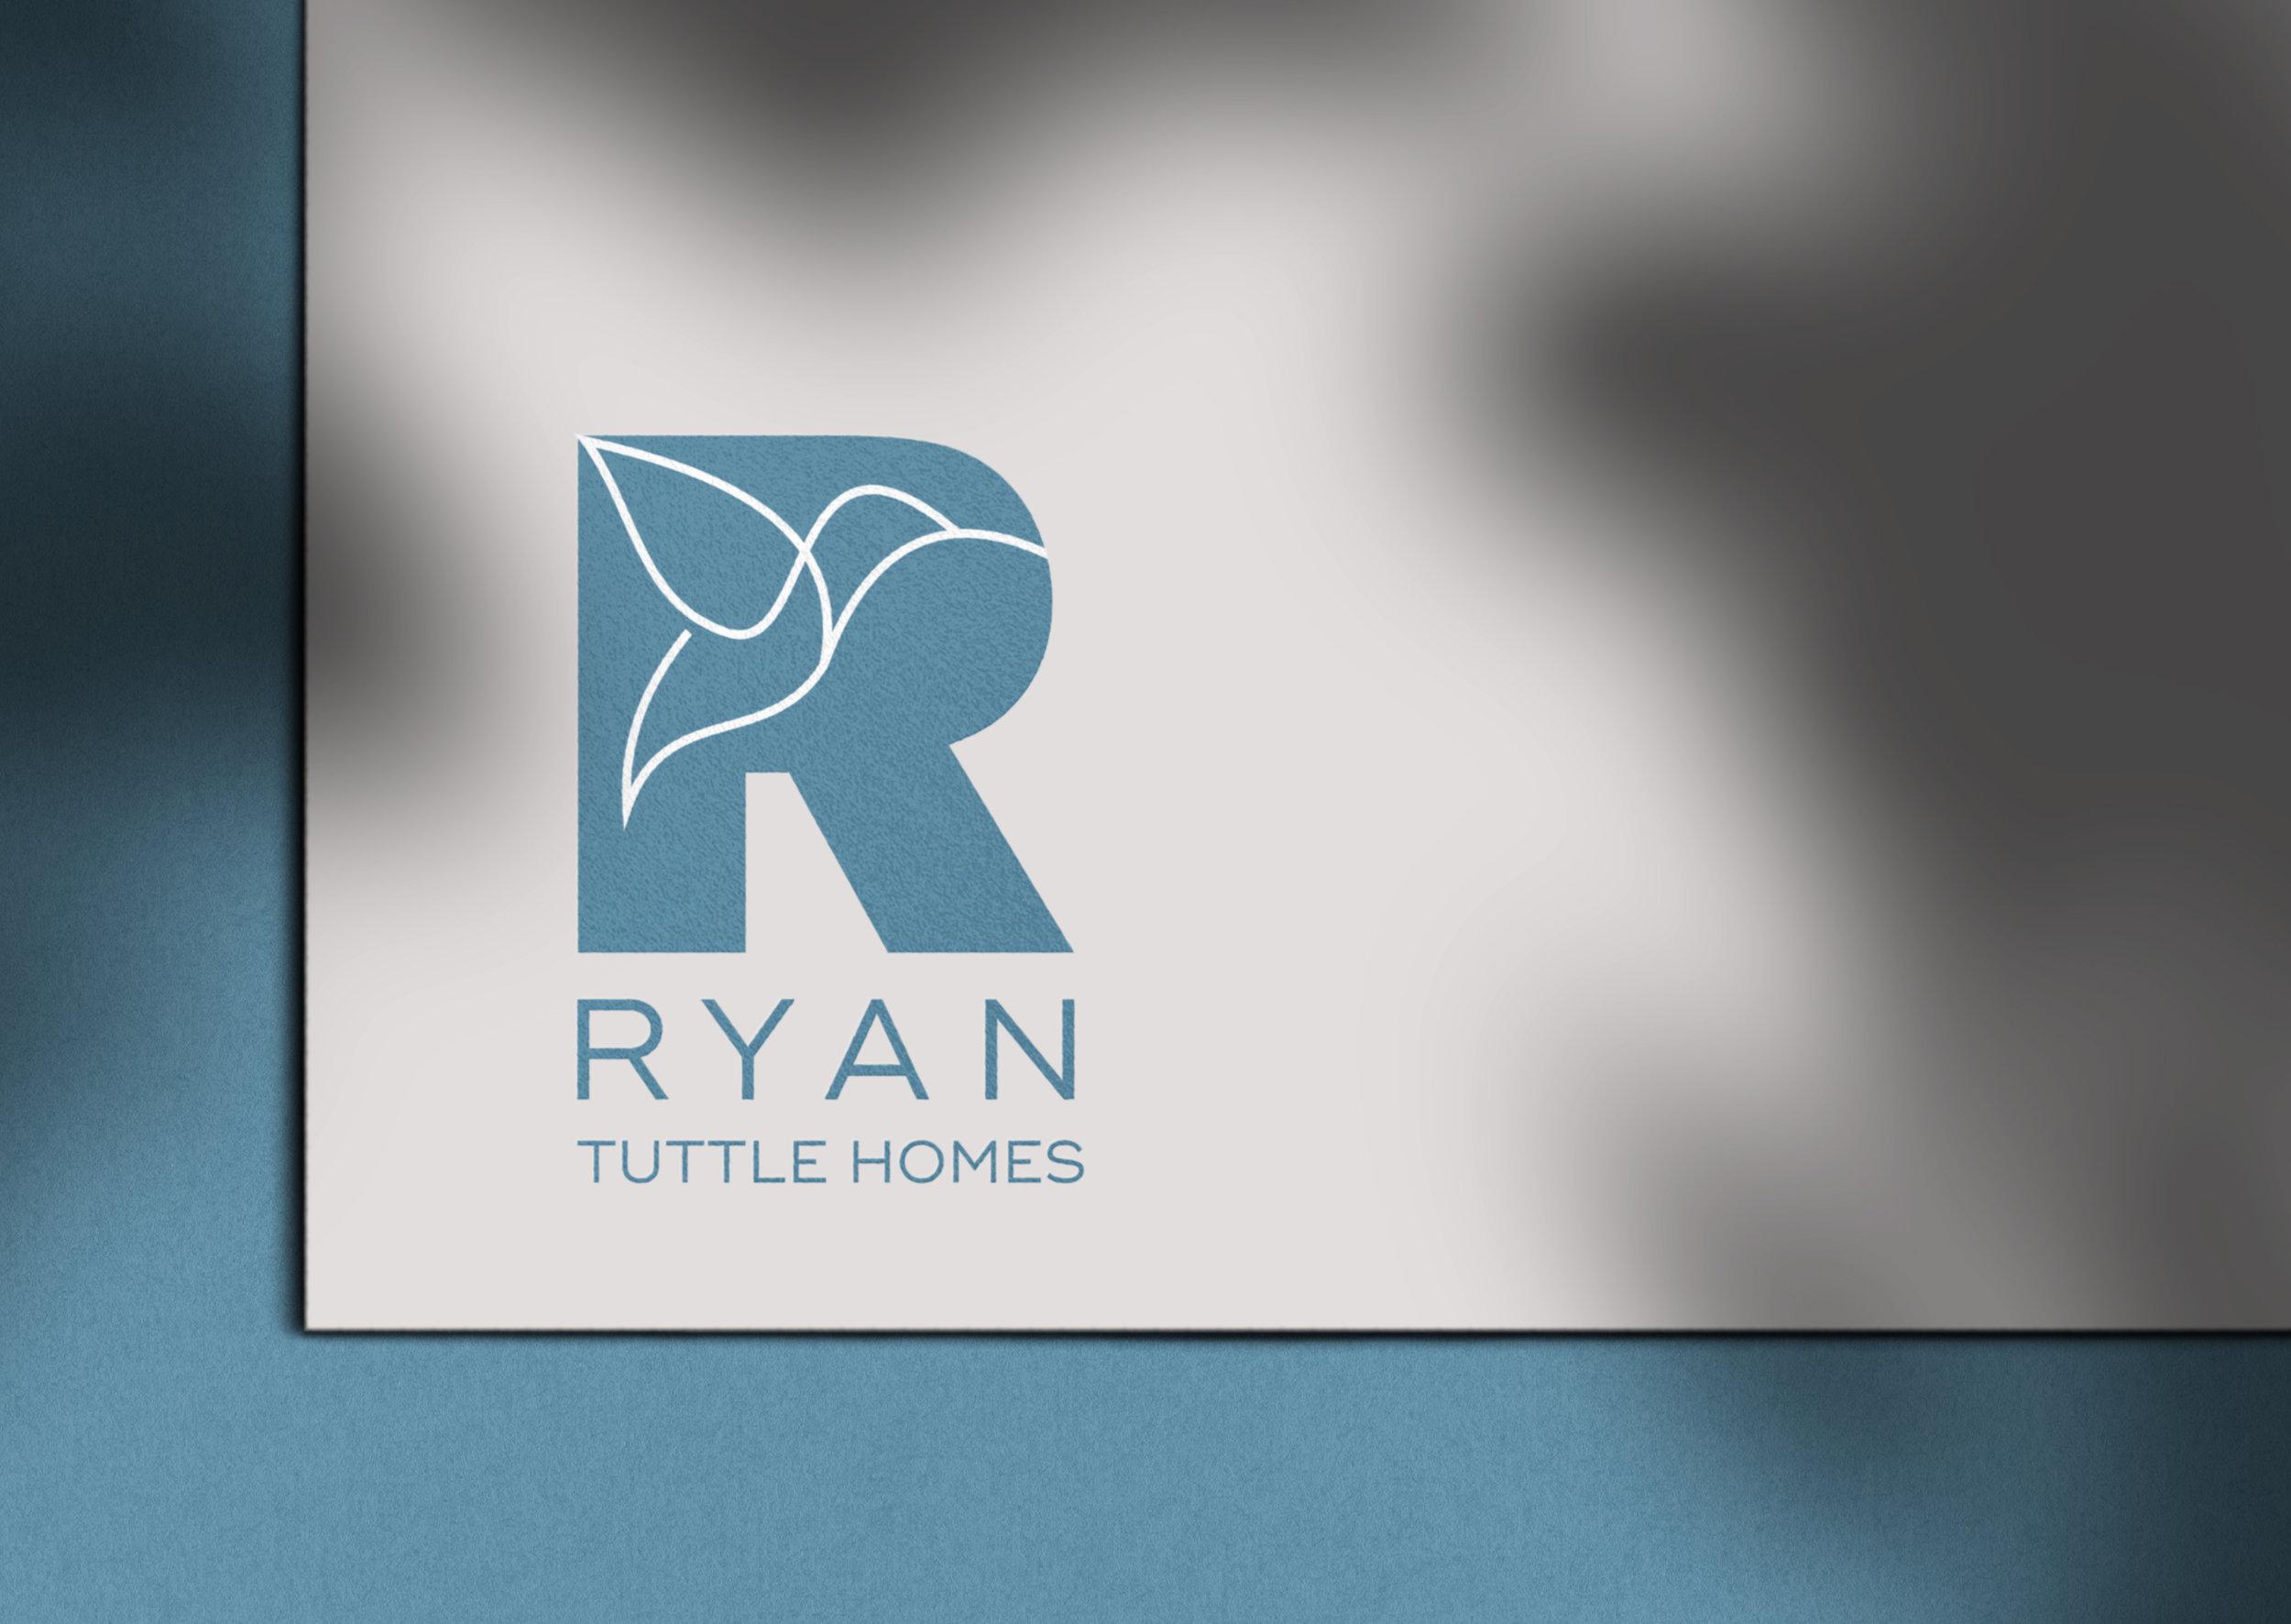 Ryan Tuttle Homes (2).jpg